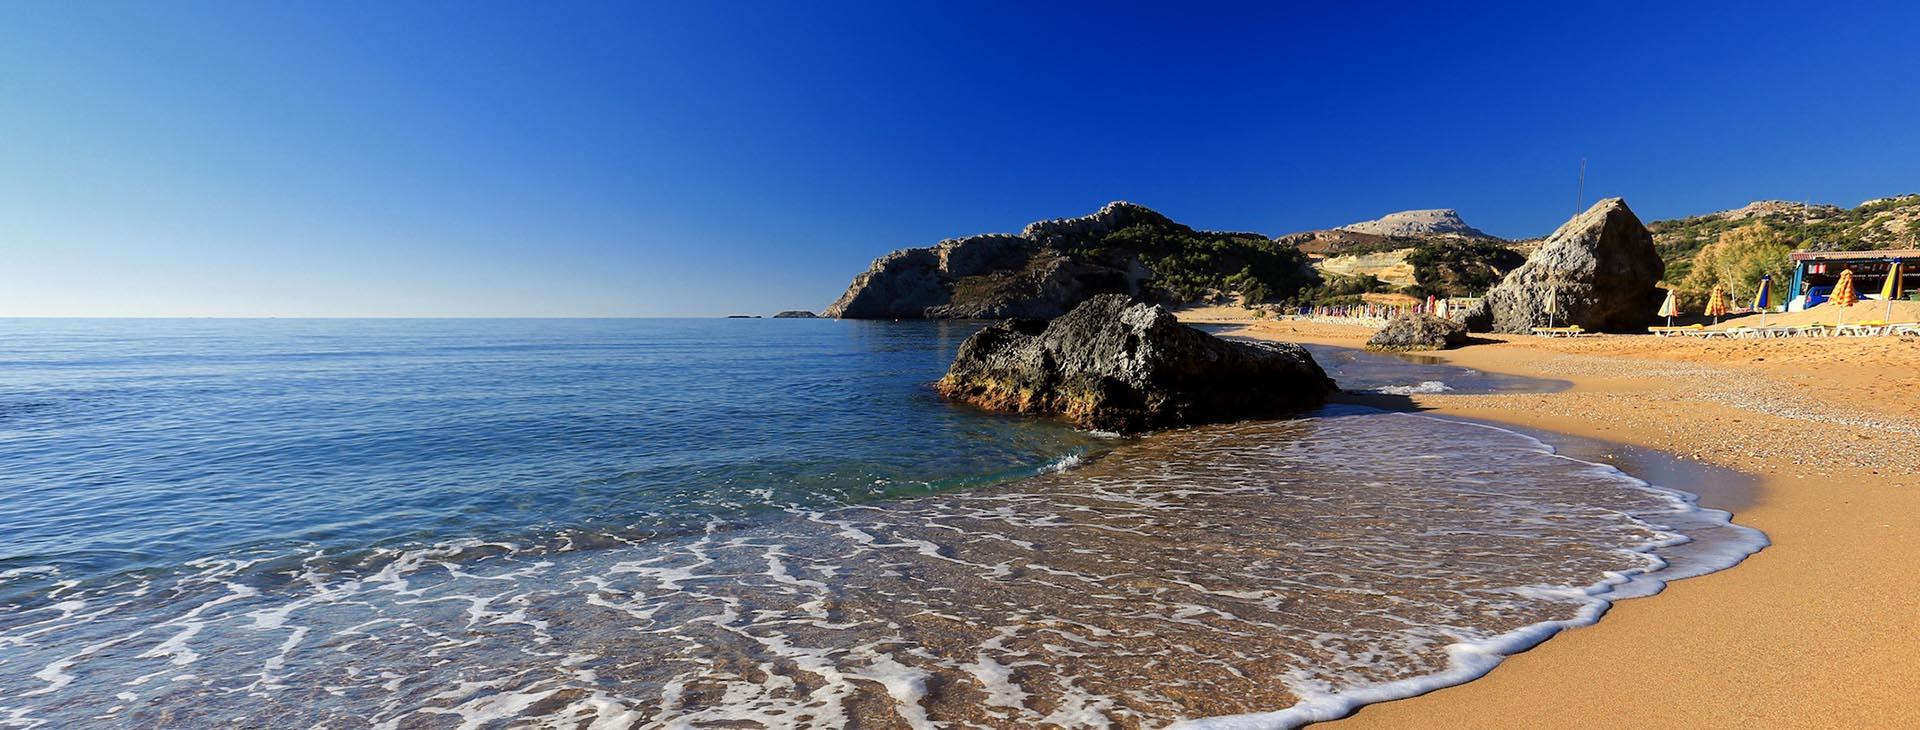 Tsambica sandy beach at Rhodes island